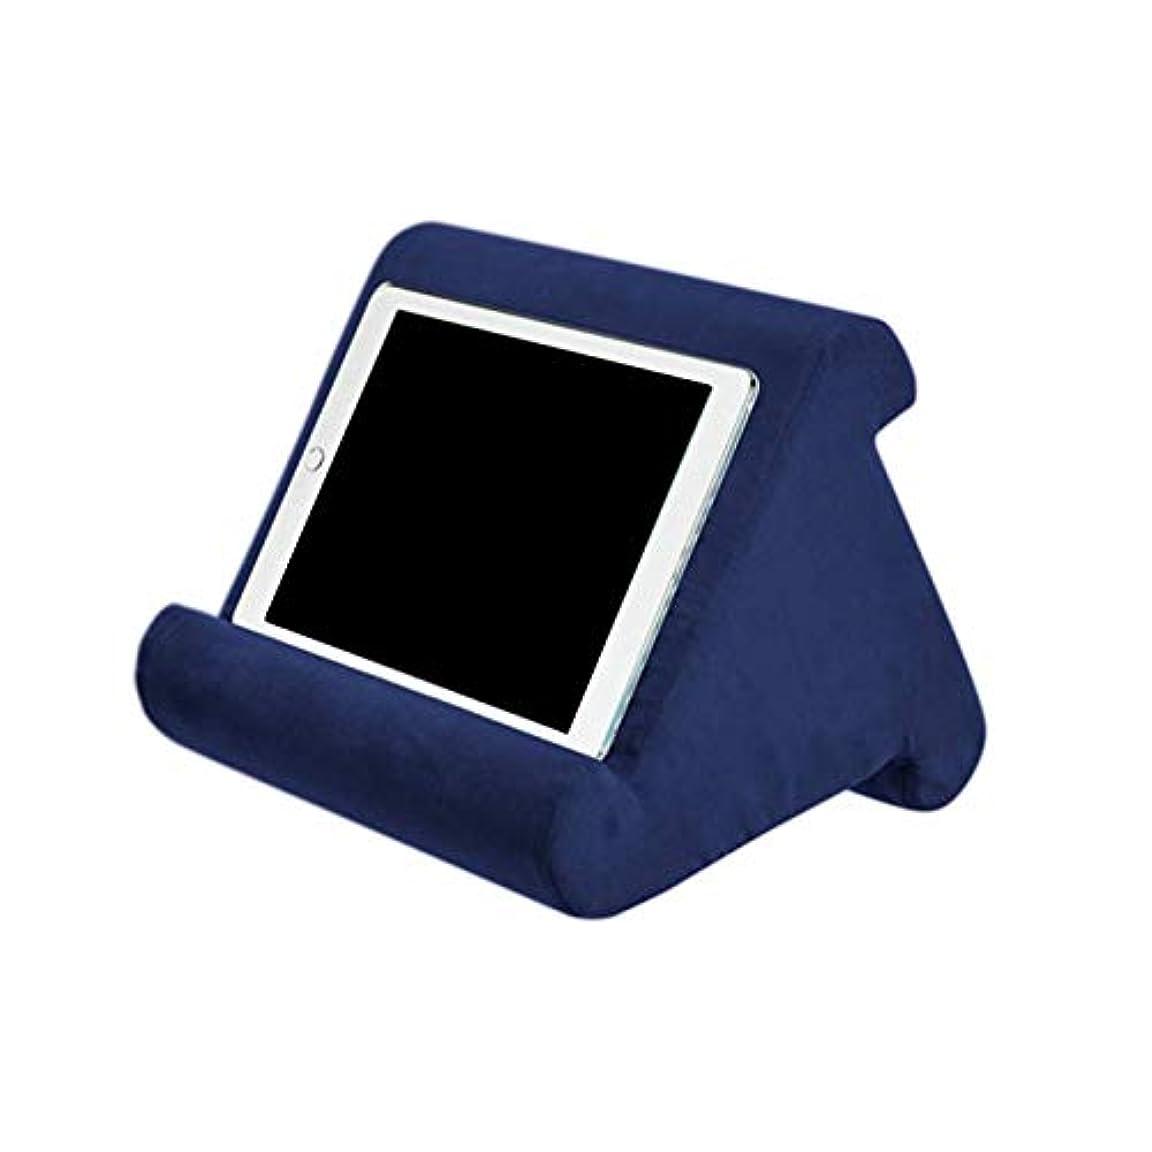 わずらわしい見通し横たわるLIFE家庭用タブレット枕ホルダースタンドブック残り読書サポートクッションベッドソファマルチアングルソフト枕ラップスタンドクッションクッション 椅子